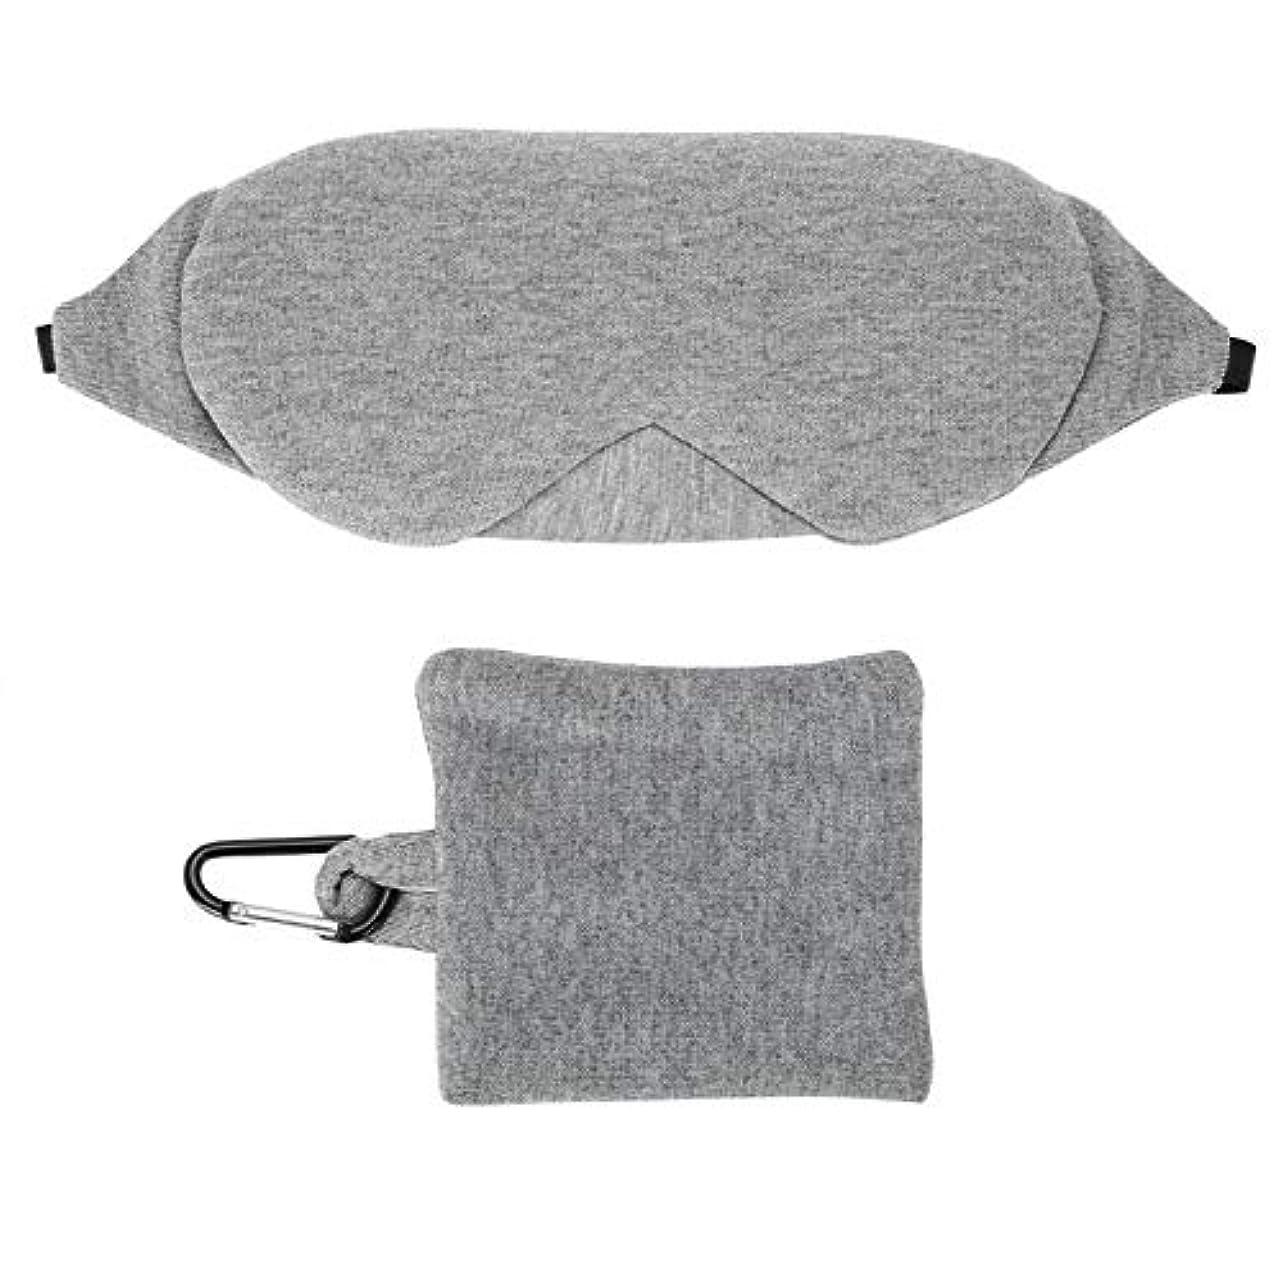 展望台組木材NOTE 調節可能な睡眠マスク通気性アイシェードカバー睡眠目隠しアイパッチ睡眠マスクヘルプ不眠症ヘルスケアツール